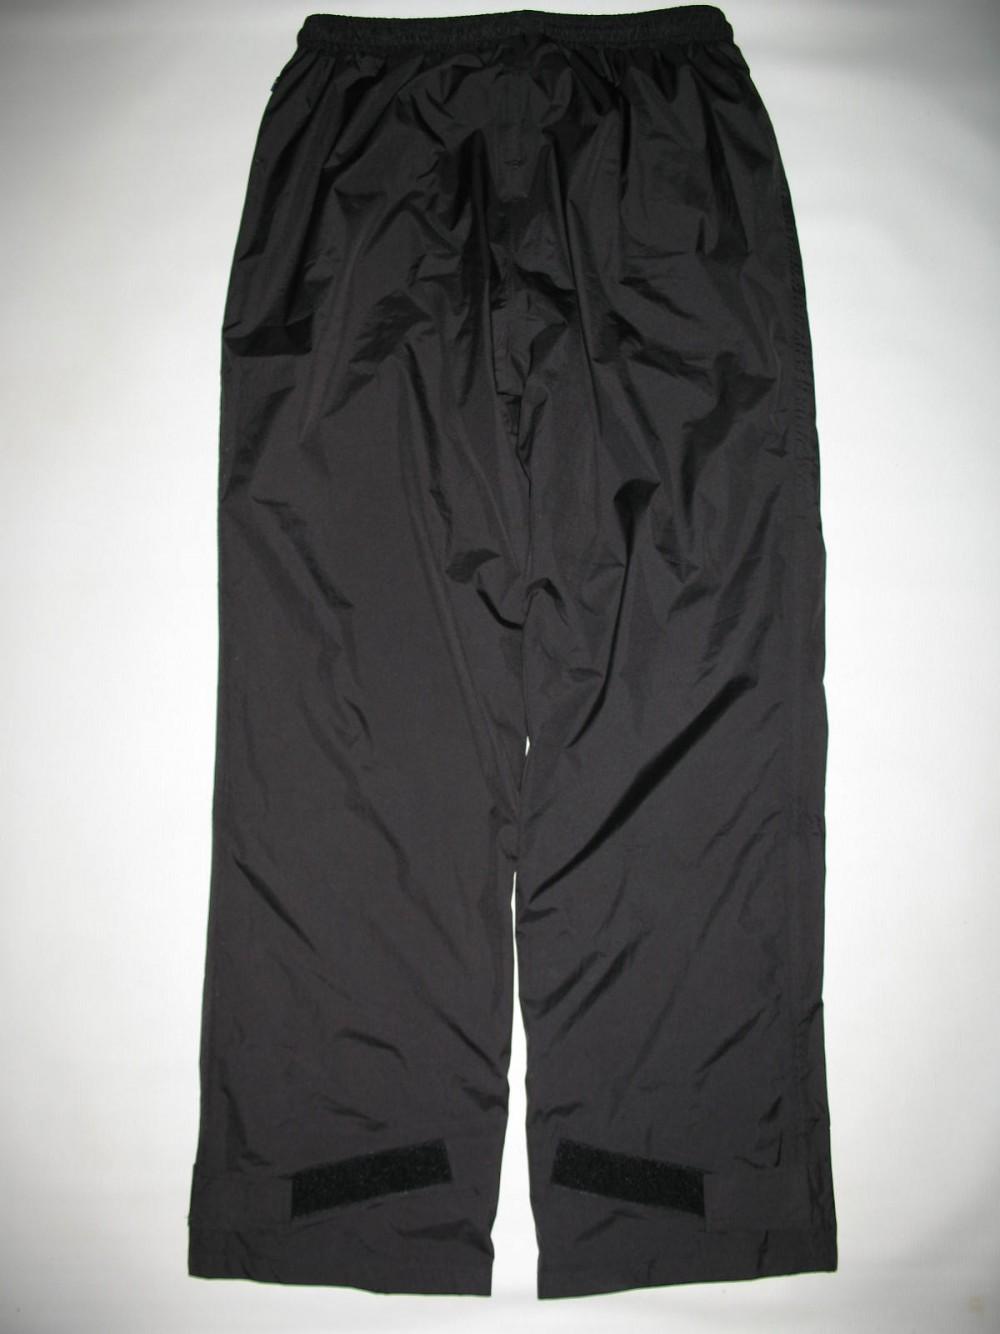 Штаны FJALLRAVEN storm pants (размер М/L) - 1